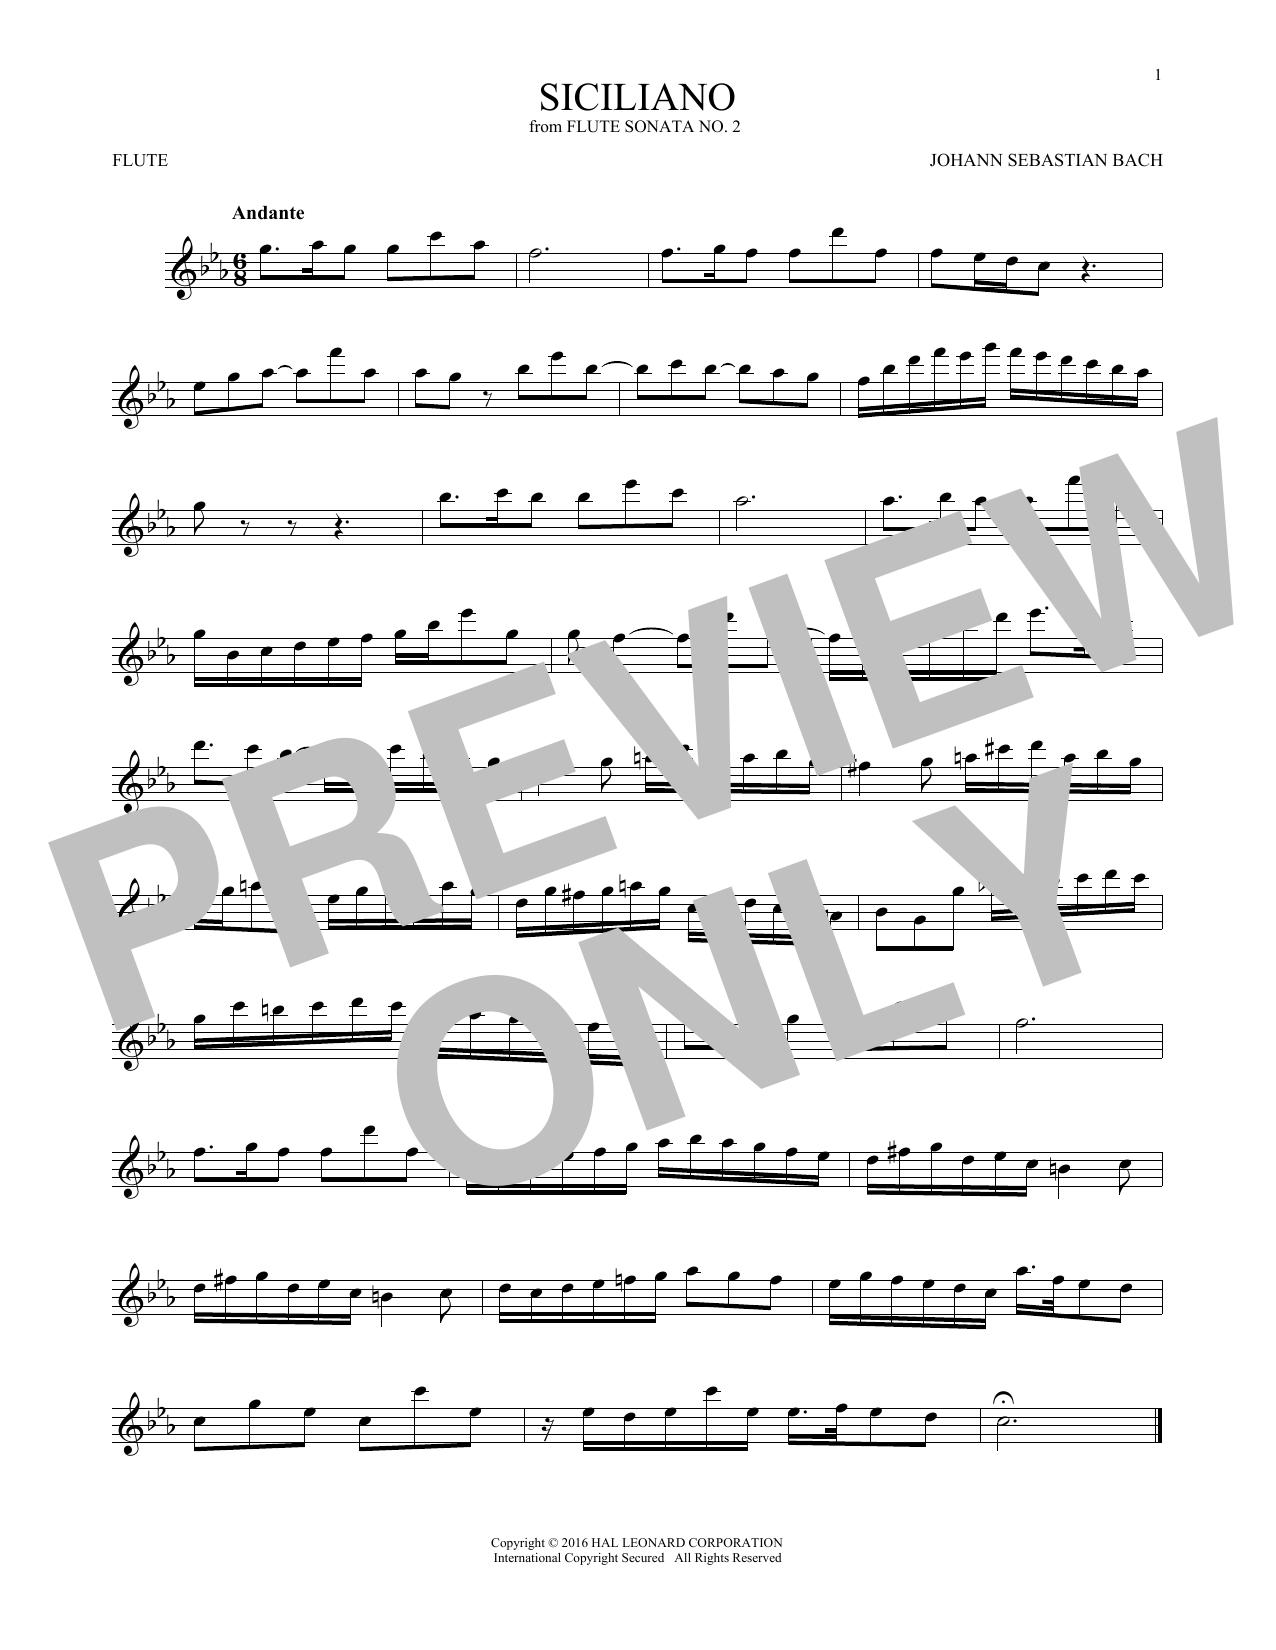 Siciliano (Flute Solo)